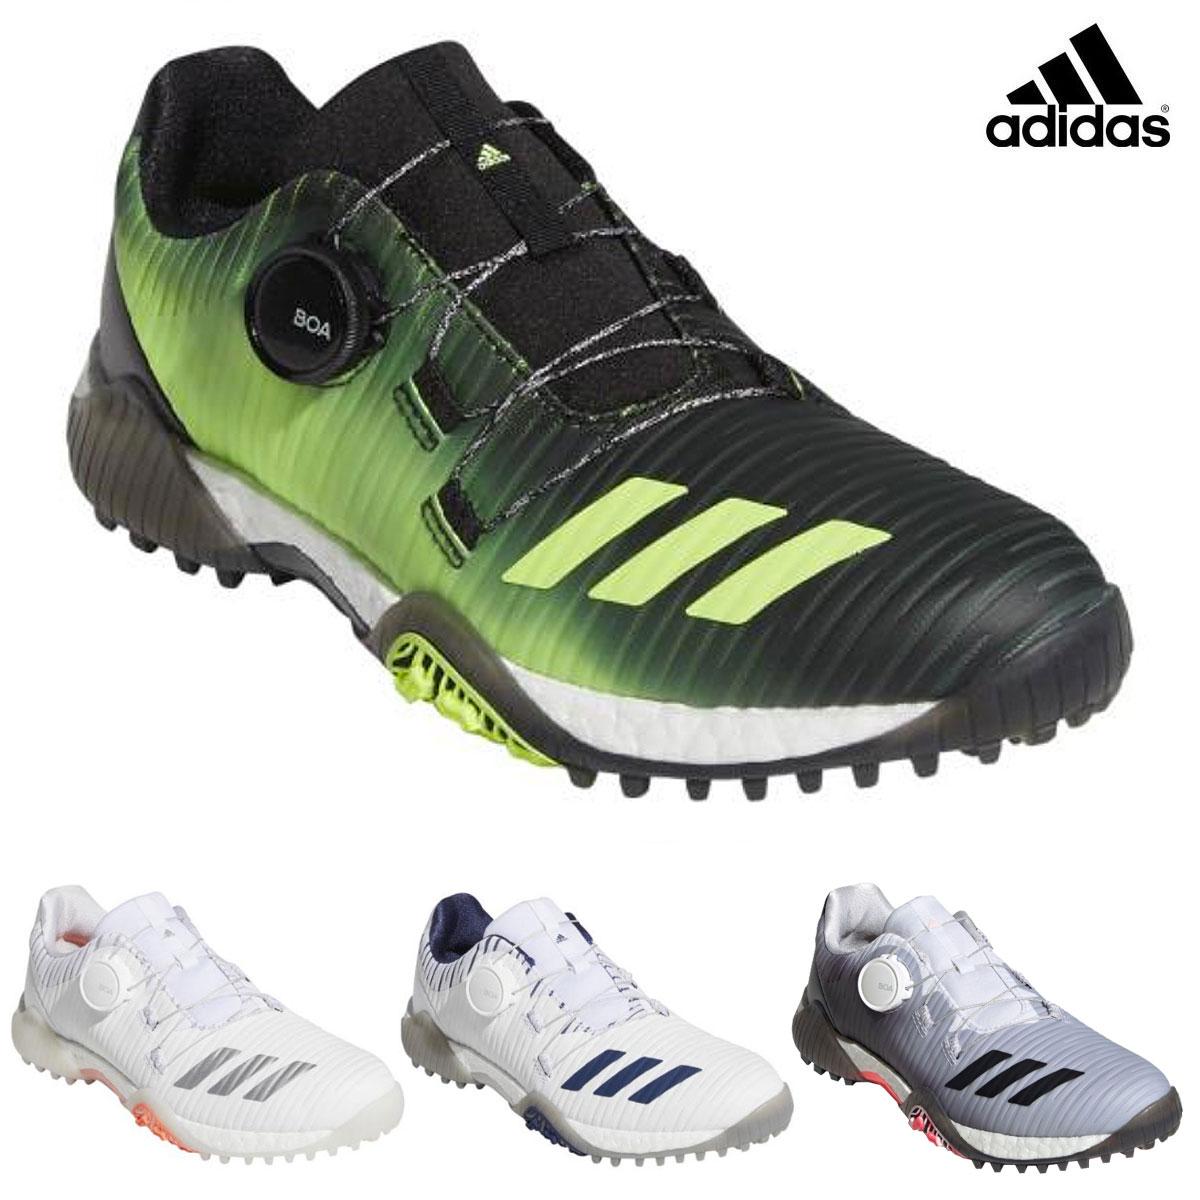 【【最大3300円OFFクーポン】】adidas Golf(アディダスゴルフ)日本正規品 ウィメンズCODECHAOS BOA (コードカオスボア) スパイクレスゴルフシューズ 2020新製品 「EPC88」 【あす楽対応】